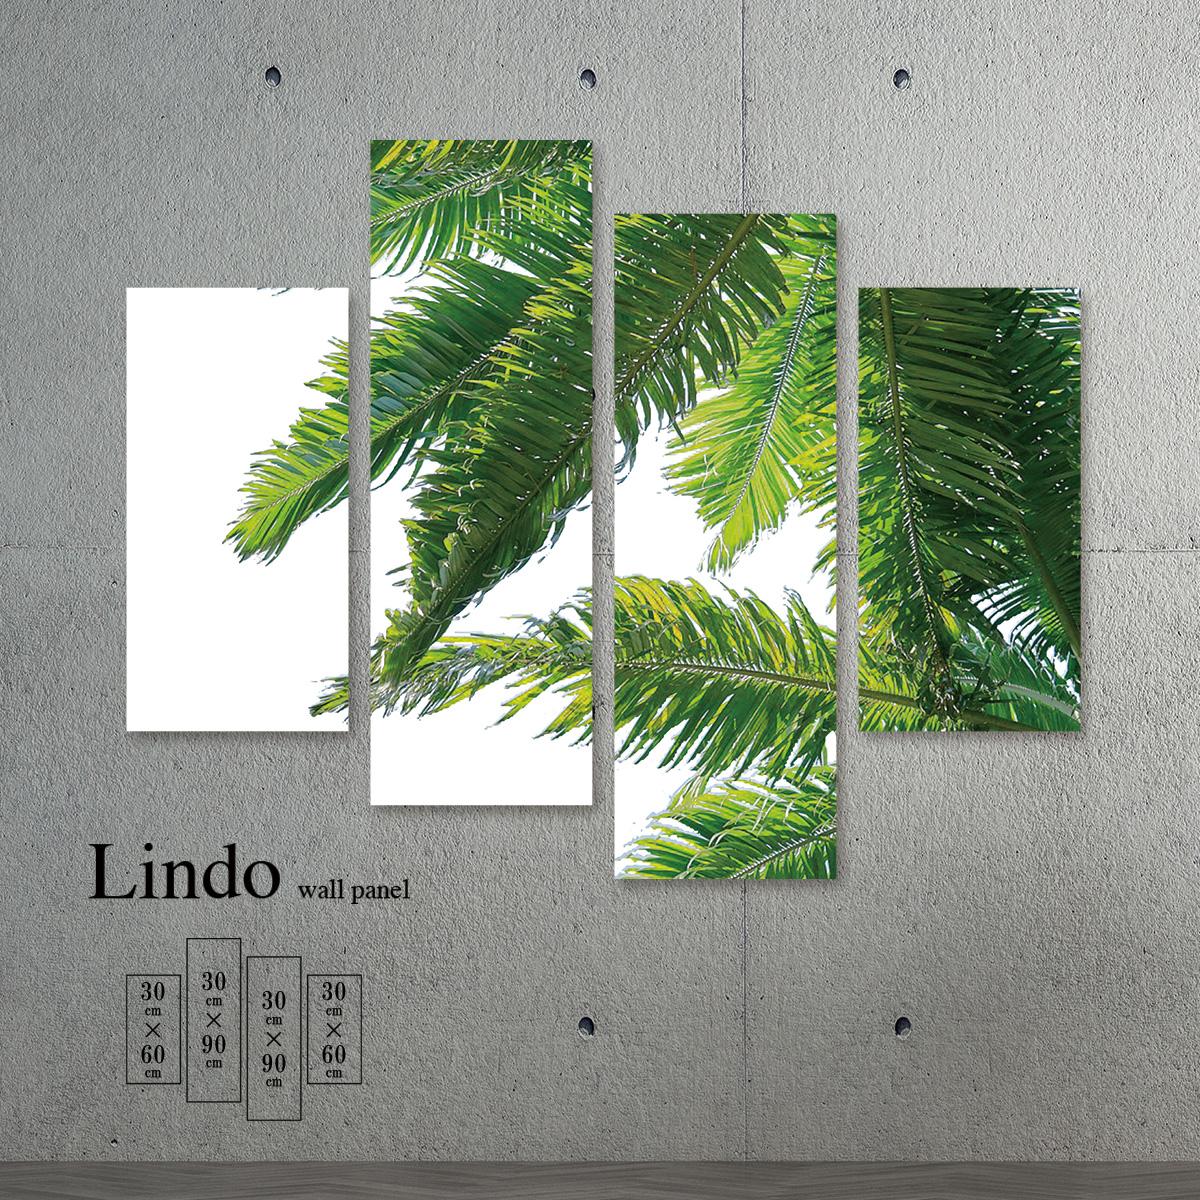 アートパネル ヤシ ヤシの木 ハワイ ビーチ 自然 葉っぱ グリーン ホワイト 壁掛け 北欧 お洒落 デザイン ファブリック 壁飾り アートボード 4枚パネル